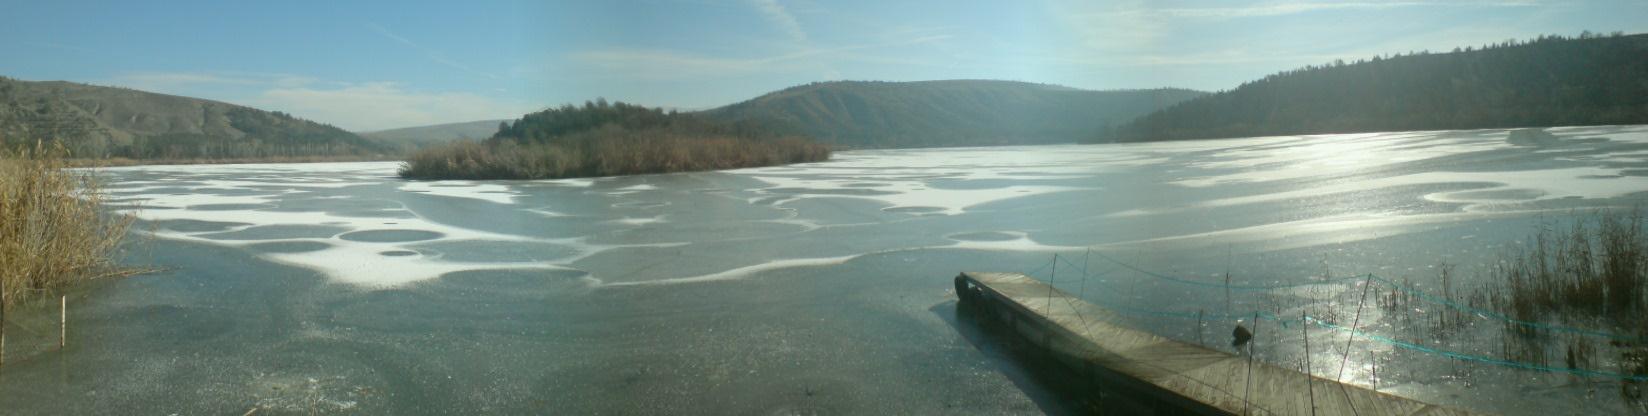 Eymir gölü 2.2.2007